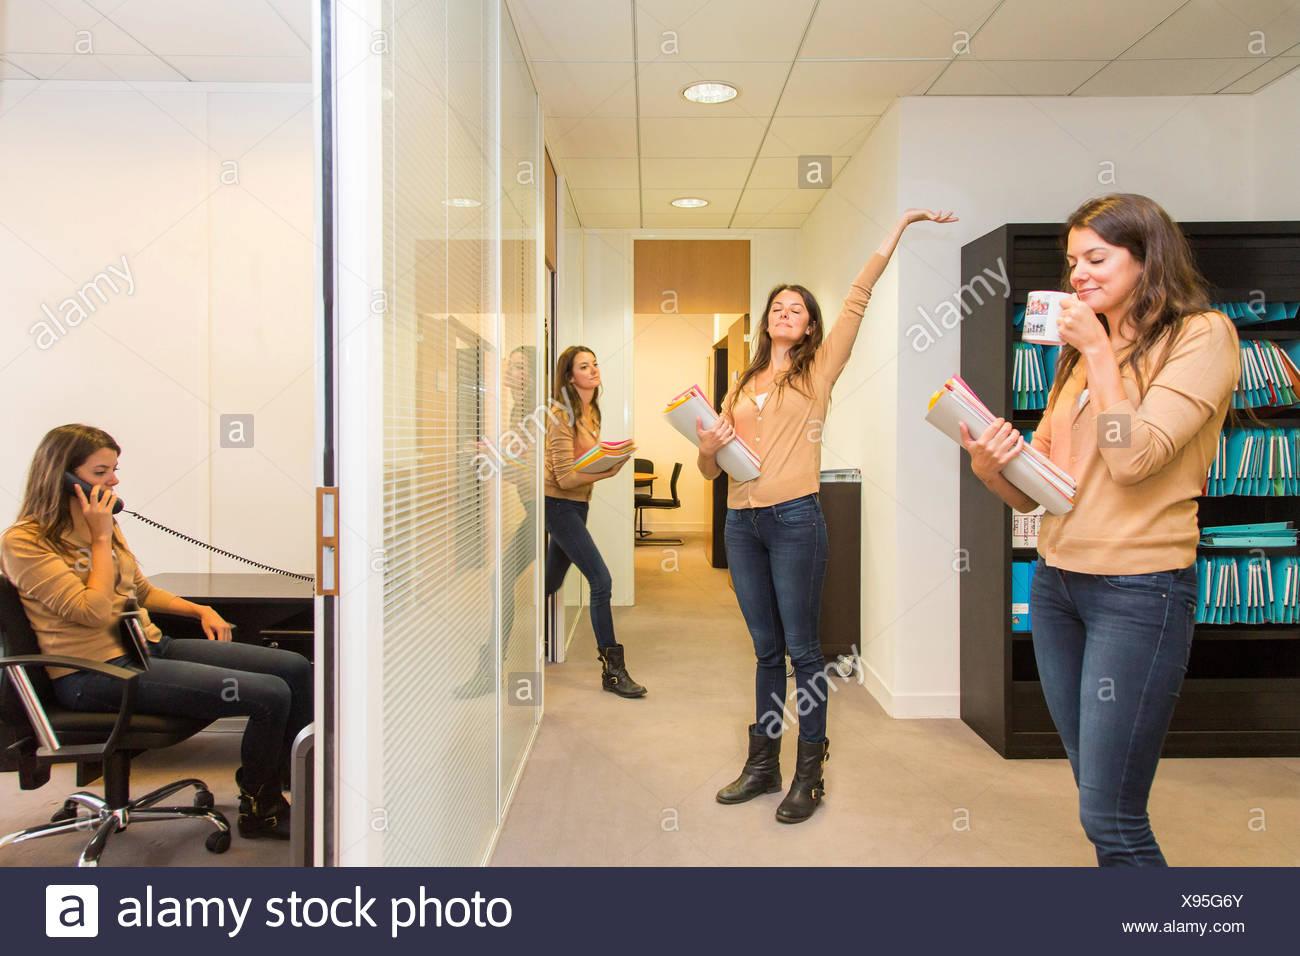 Aktive Frau im Büro zur Bekämpfung von Bewegungsmangel. Stockbild